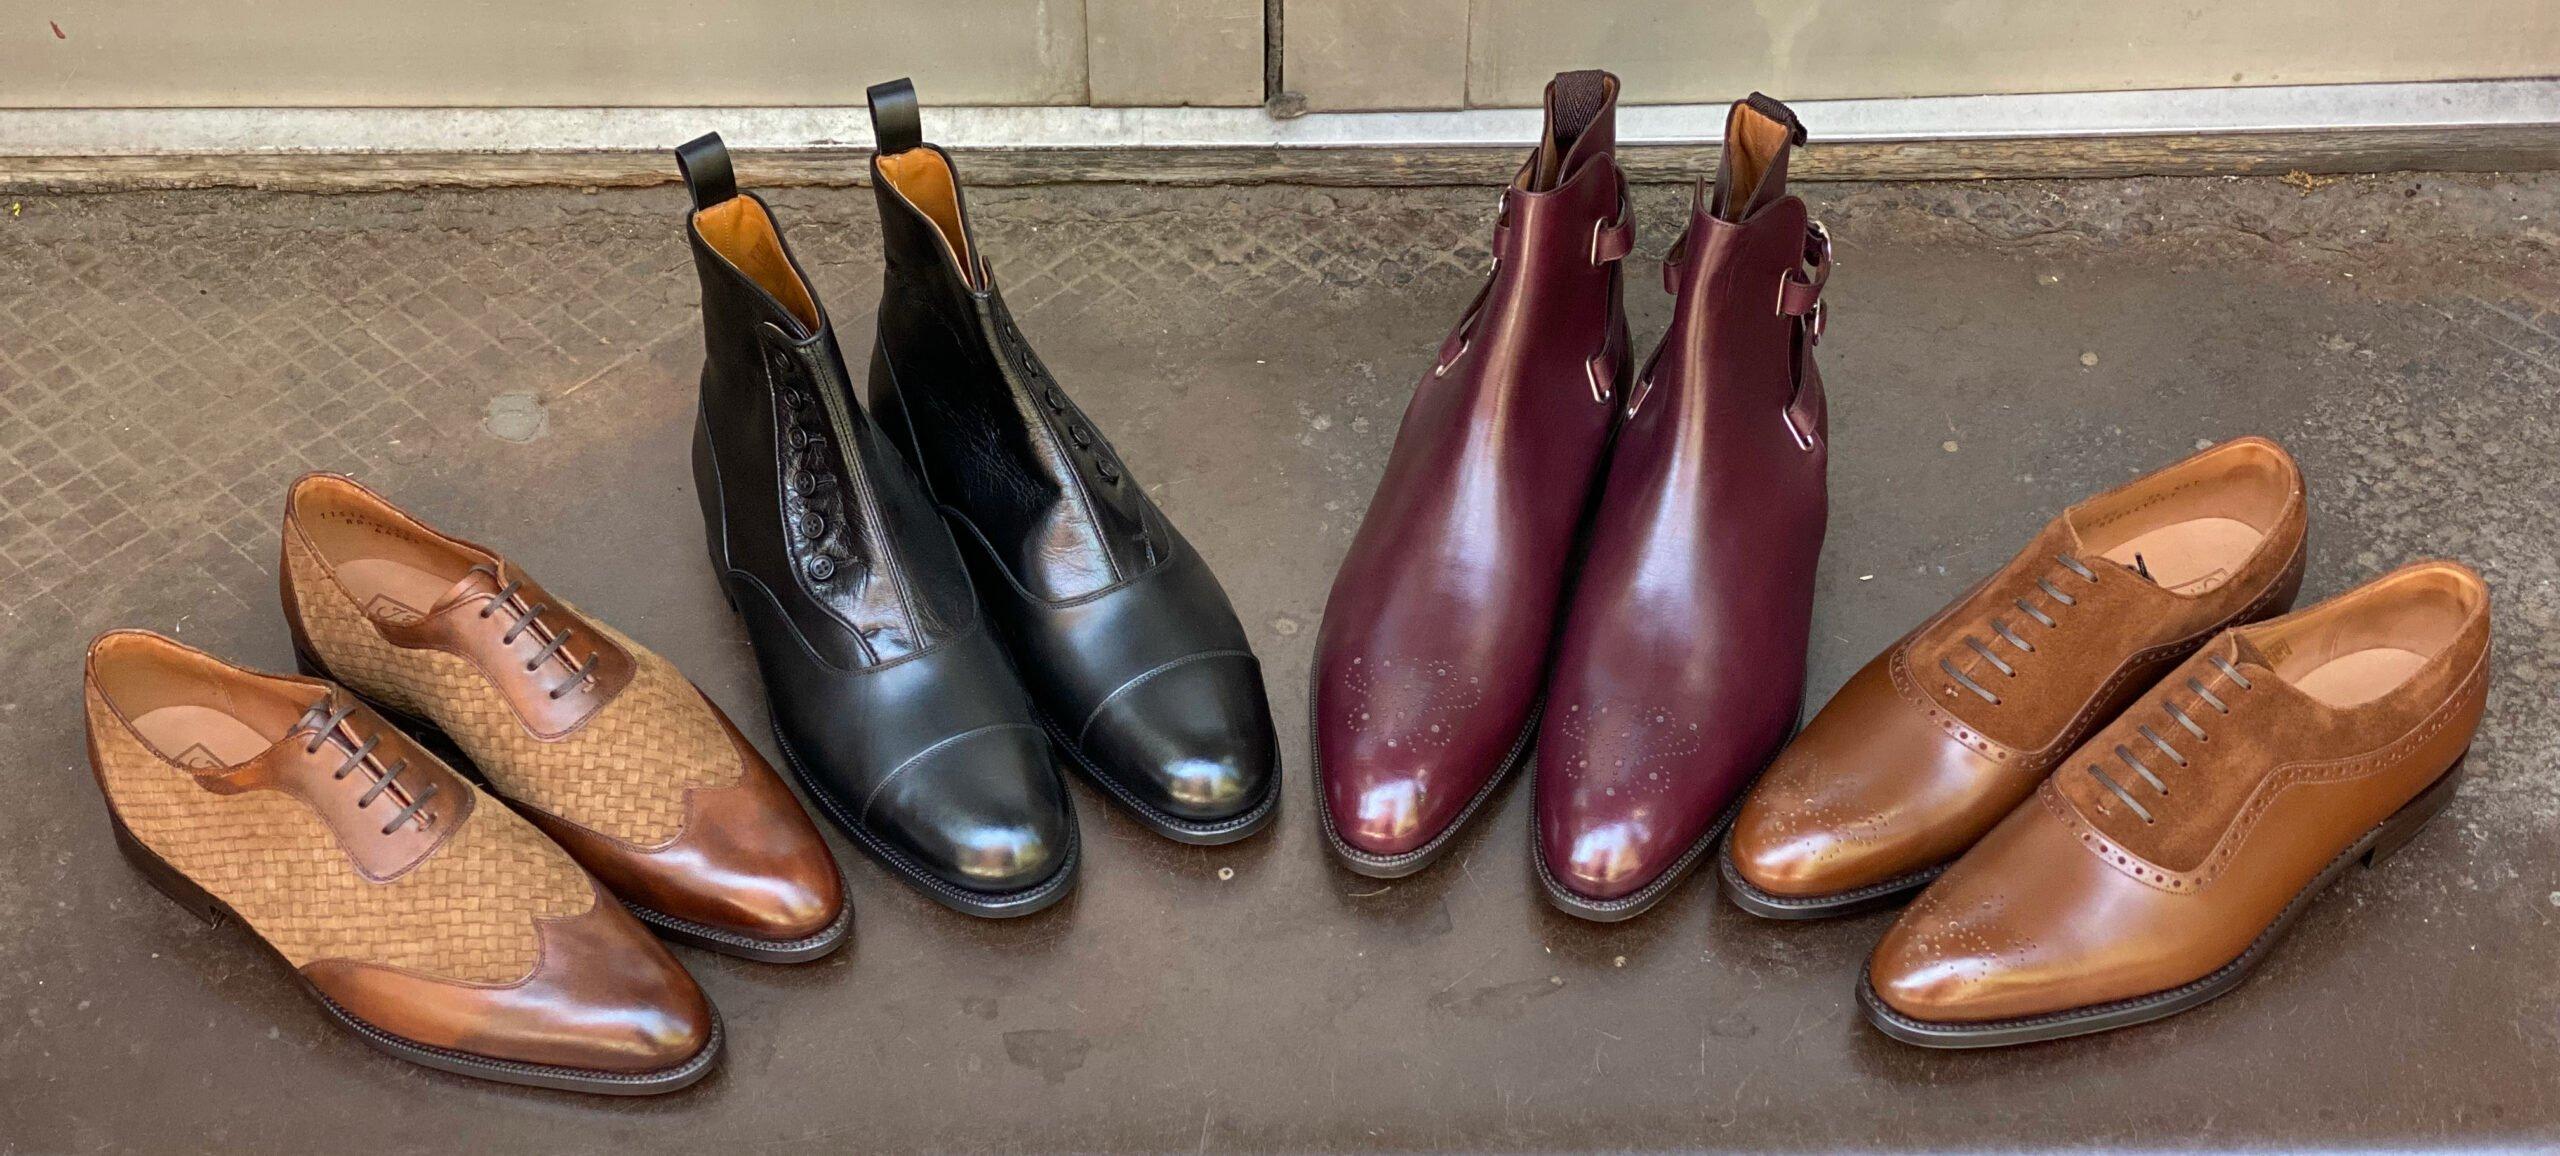 NYC Sample Sale - J.FitzPatrick Footwear